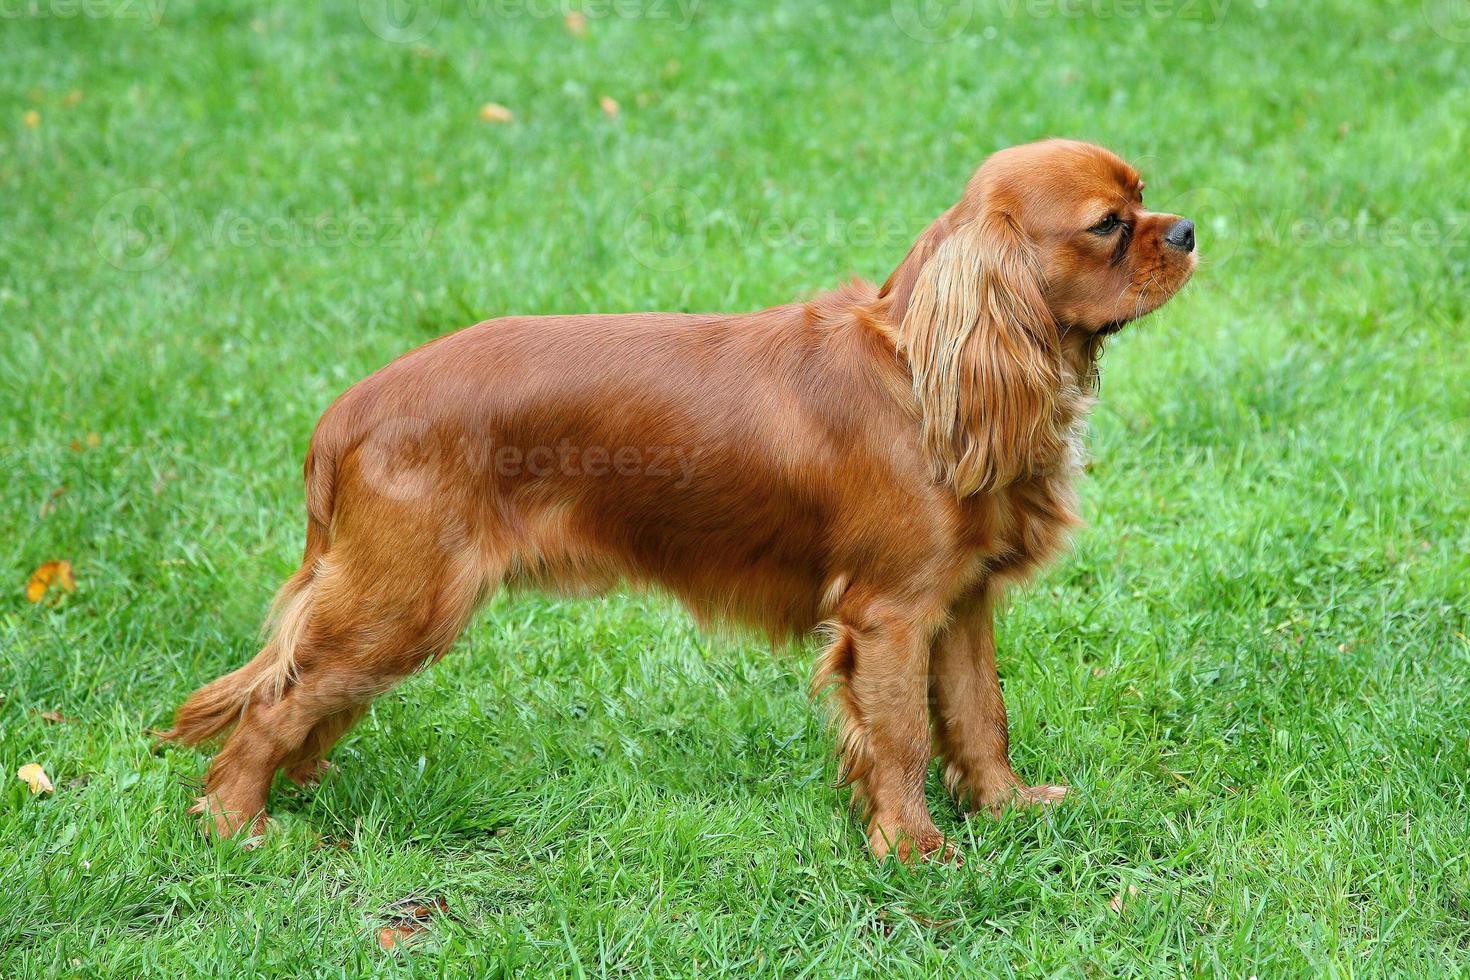 retrato do rei cavalier charles spaniel em uma grama verde foto